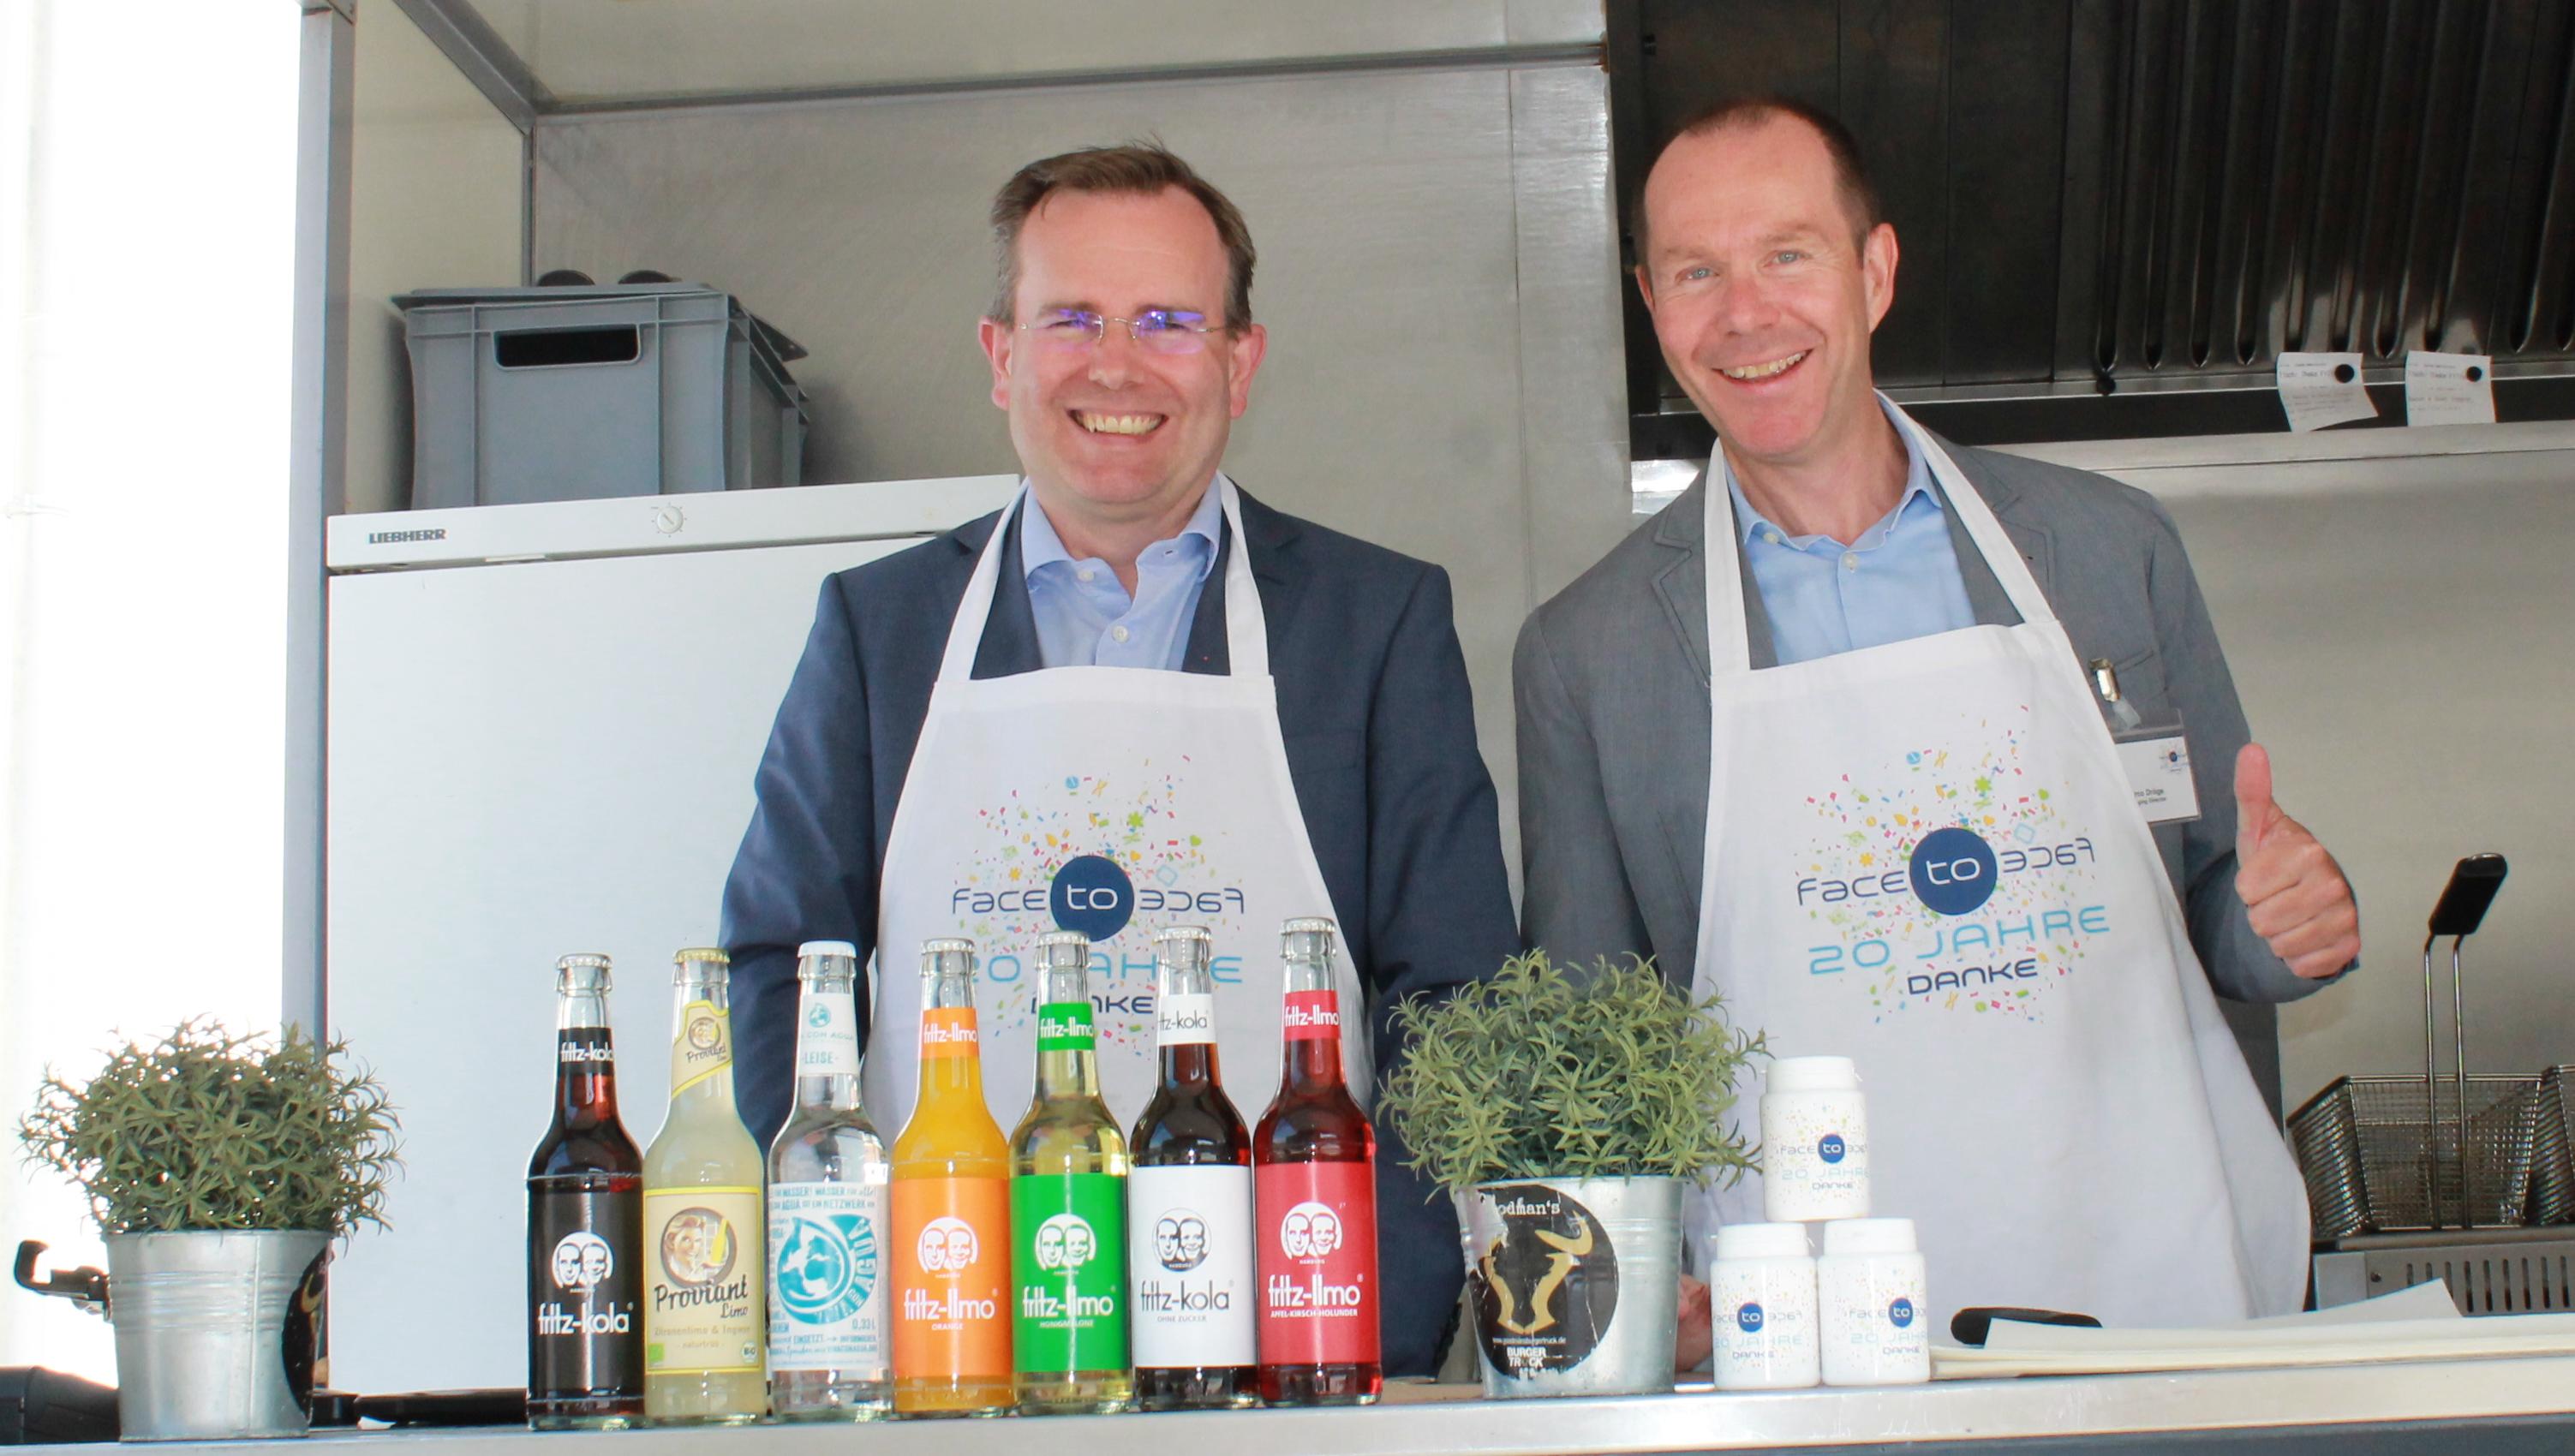 20 Jahre face to face GmbH_GF Jan Schneider und Marco Dröge, re._Foodtruck